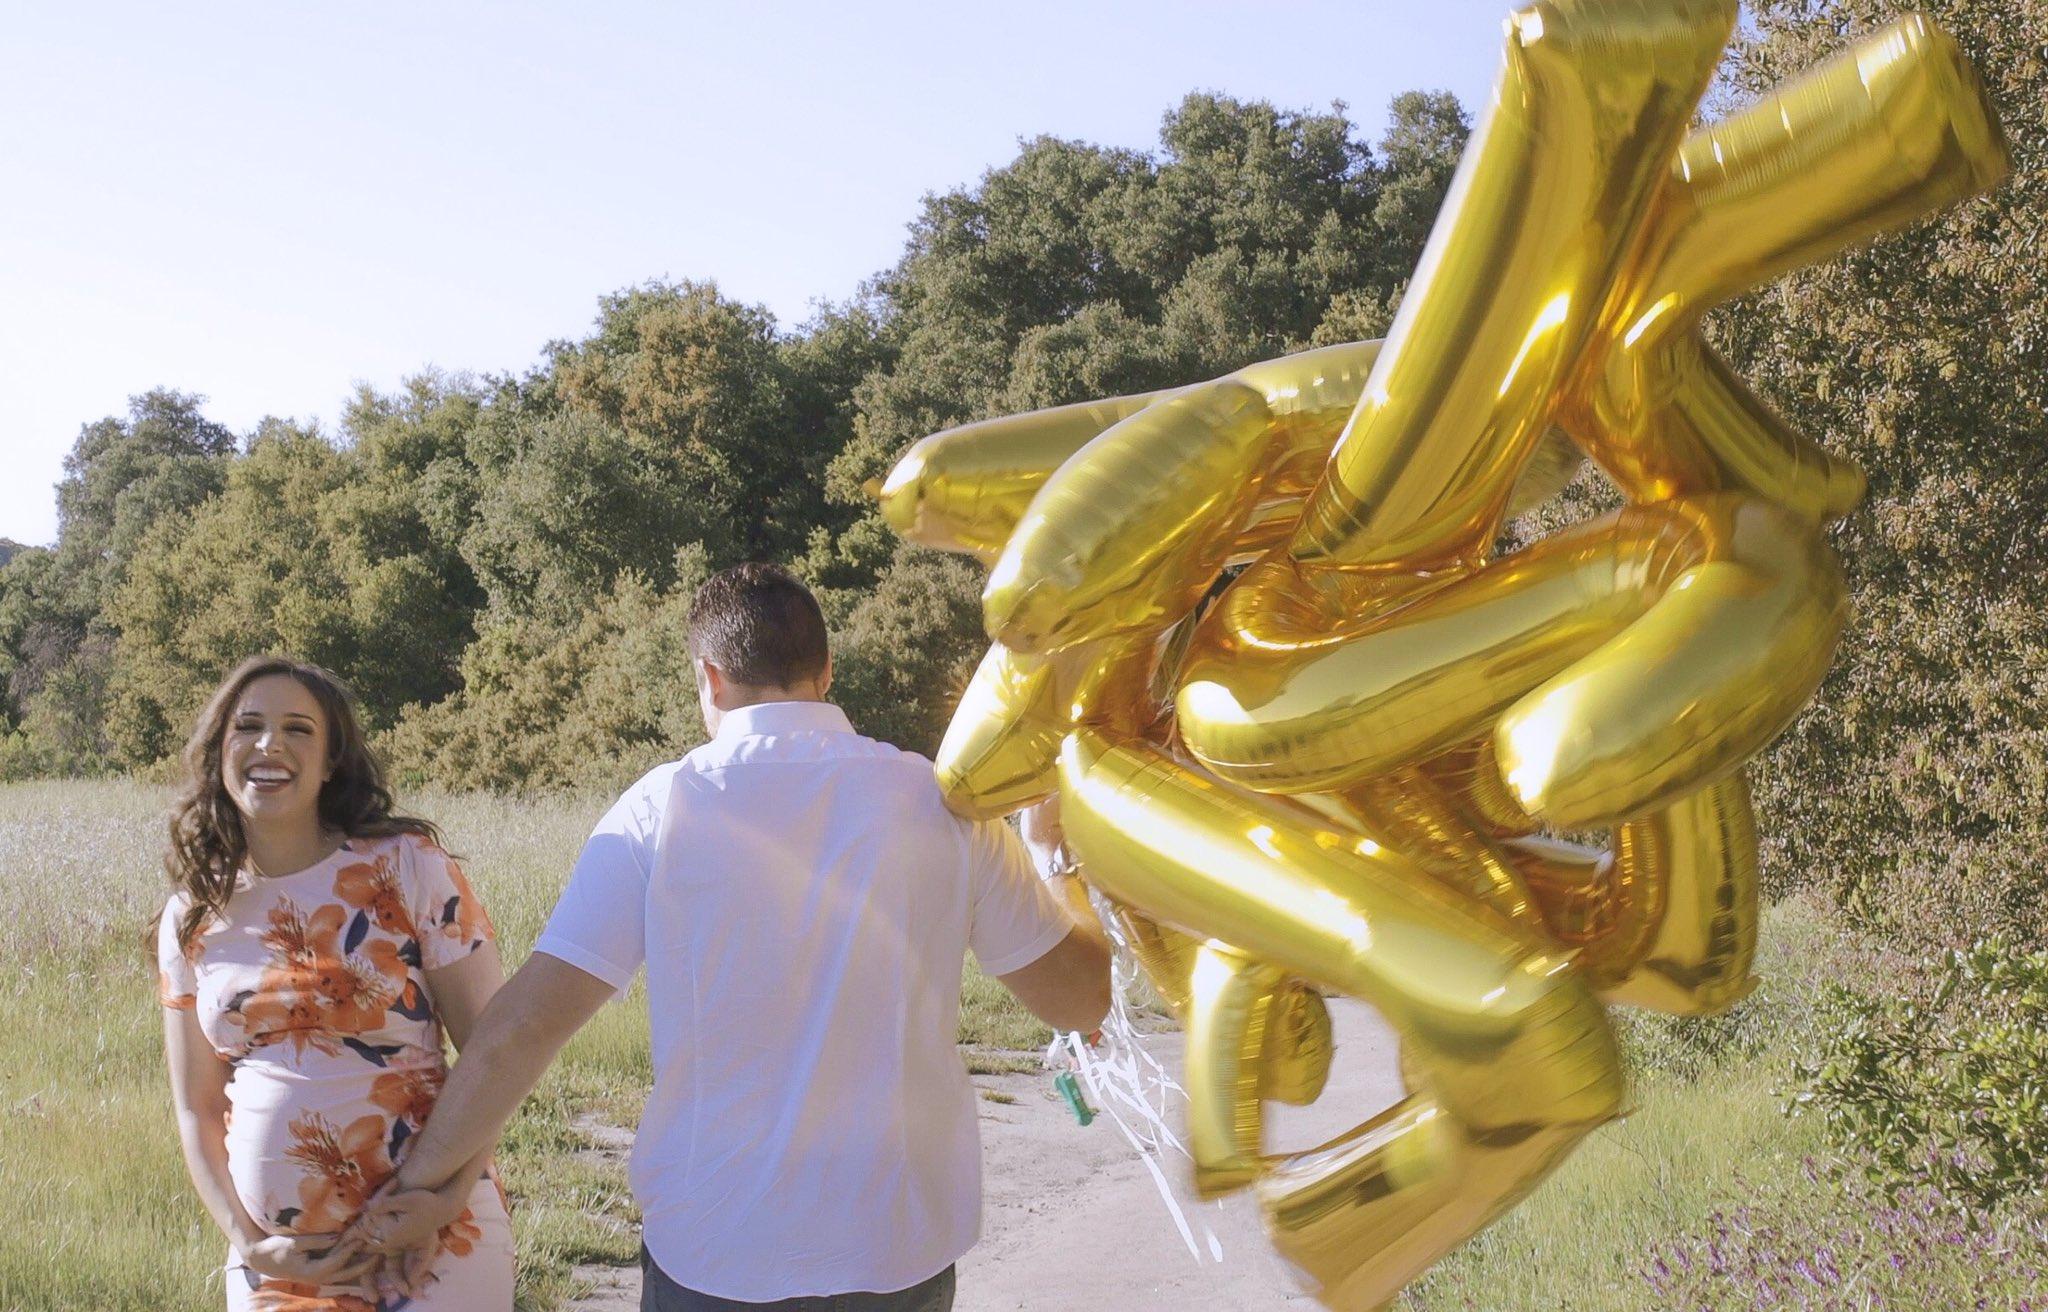 Sierra Dallas: To our Daughter 💕  & Baby name reveal!   https://t.co/tyR0HI0.  Tweet by @SierraDallas